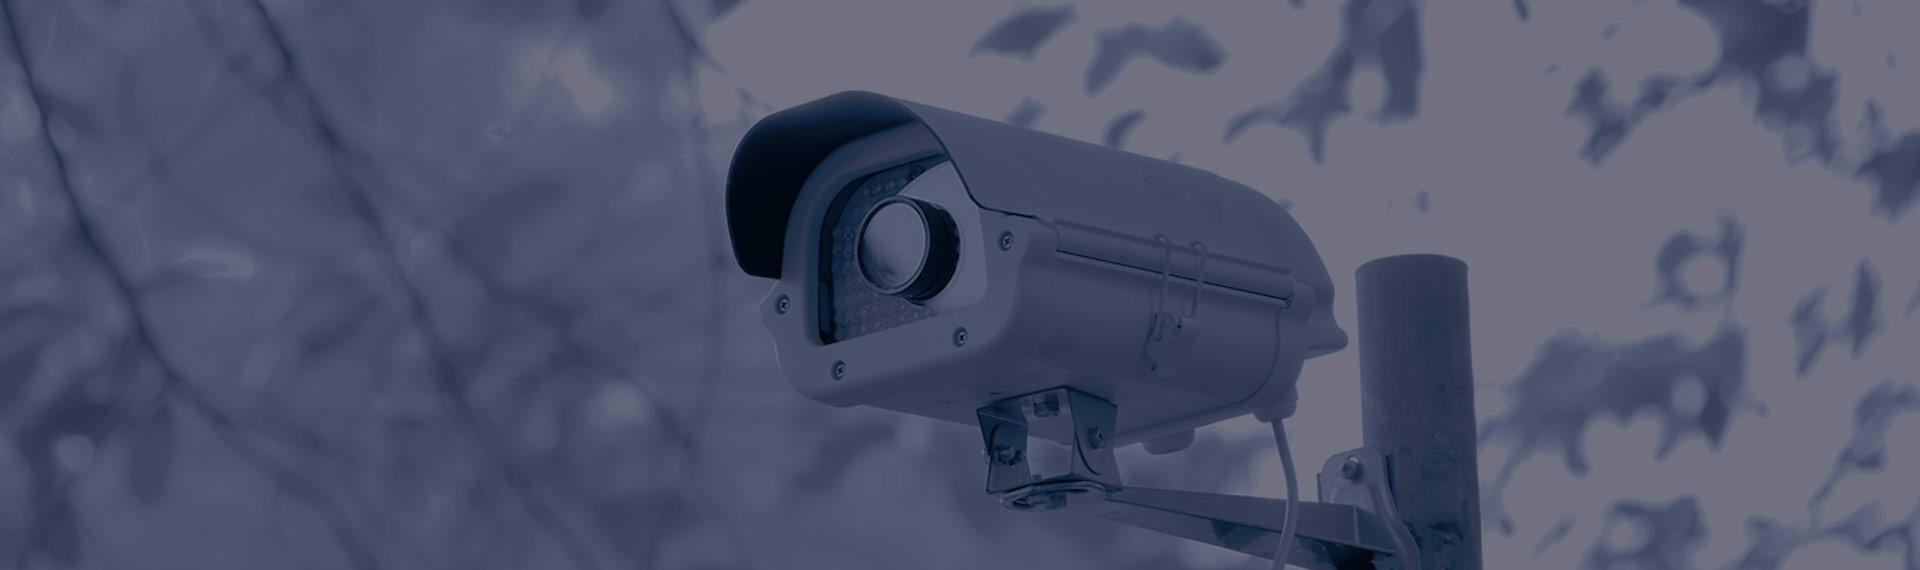 Câmaras de videovigilância